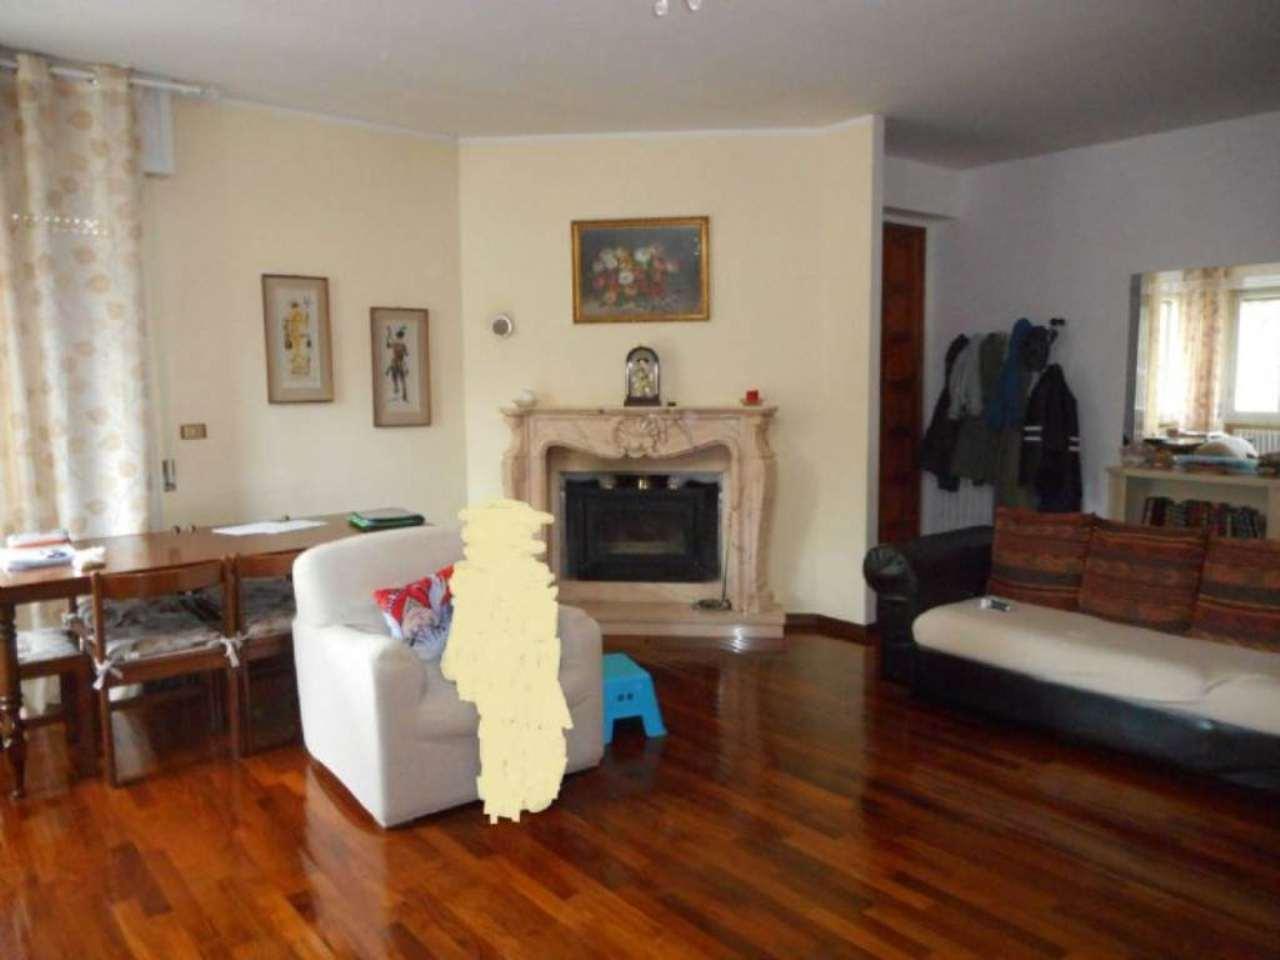 Soluzione Semindipendente in affitto a Rimini, 5 locali, prezzo € 900 | CambioCasa.it